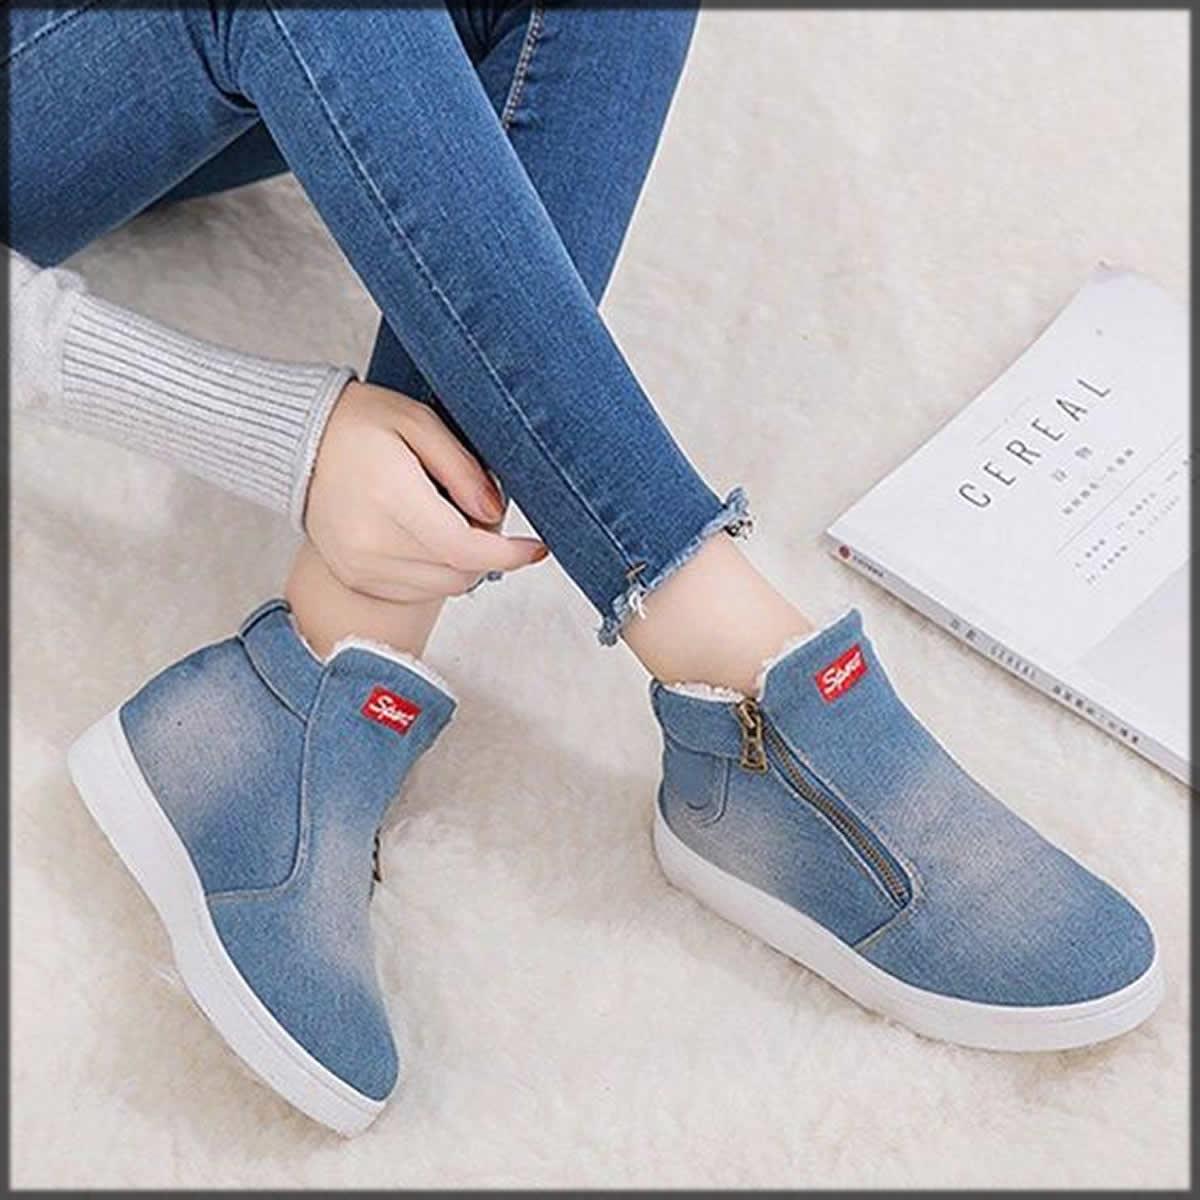 stylish blue denim shoes